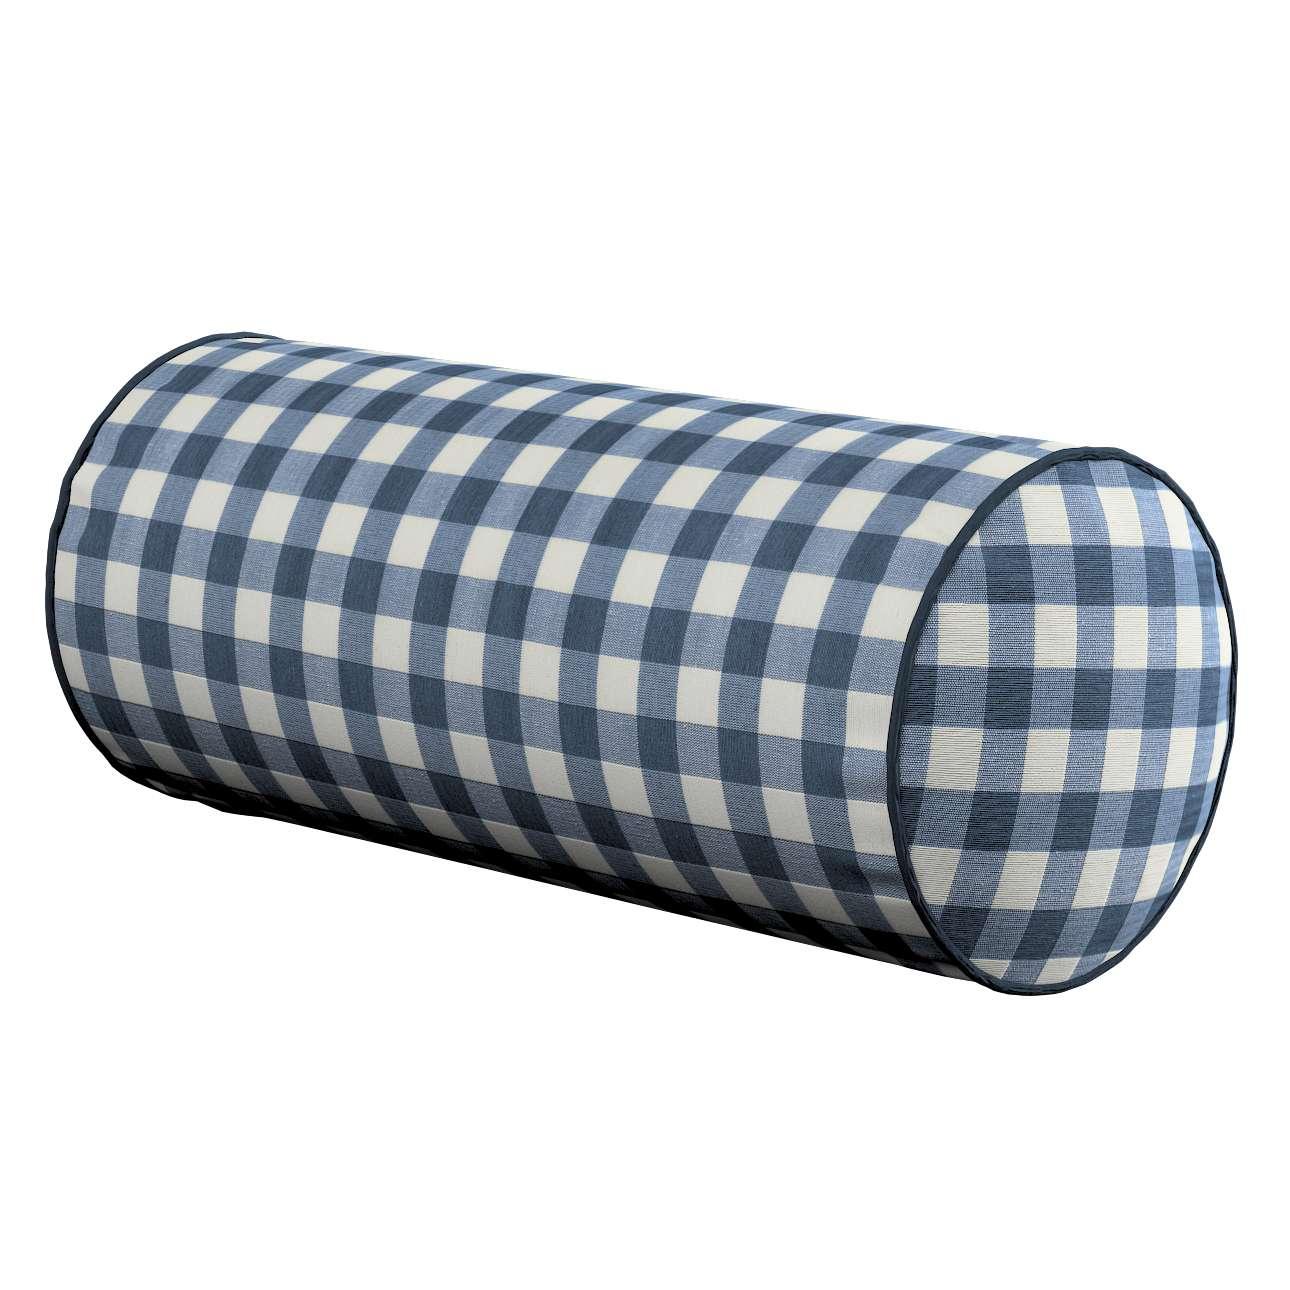 Poduszka wałek prosty Ø 16 x 40 cm w kolekcji Quadro, tkanina: 136-01